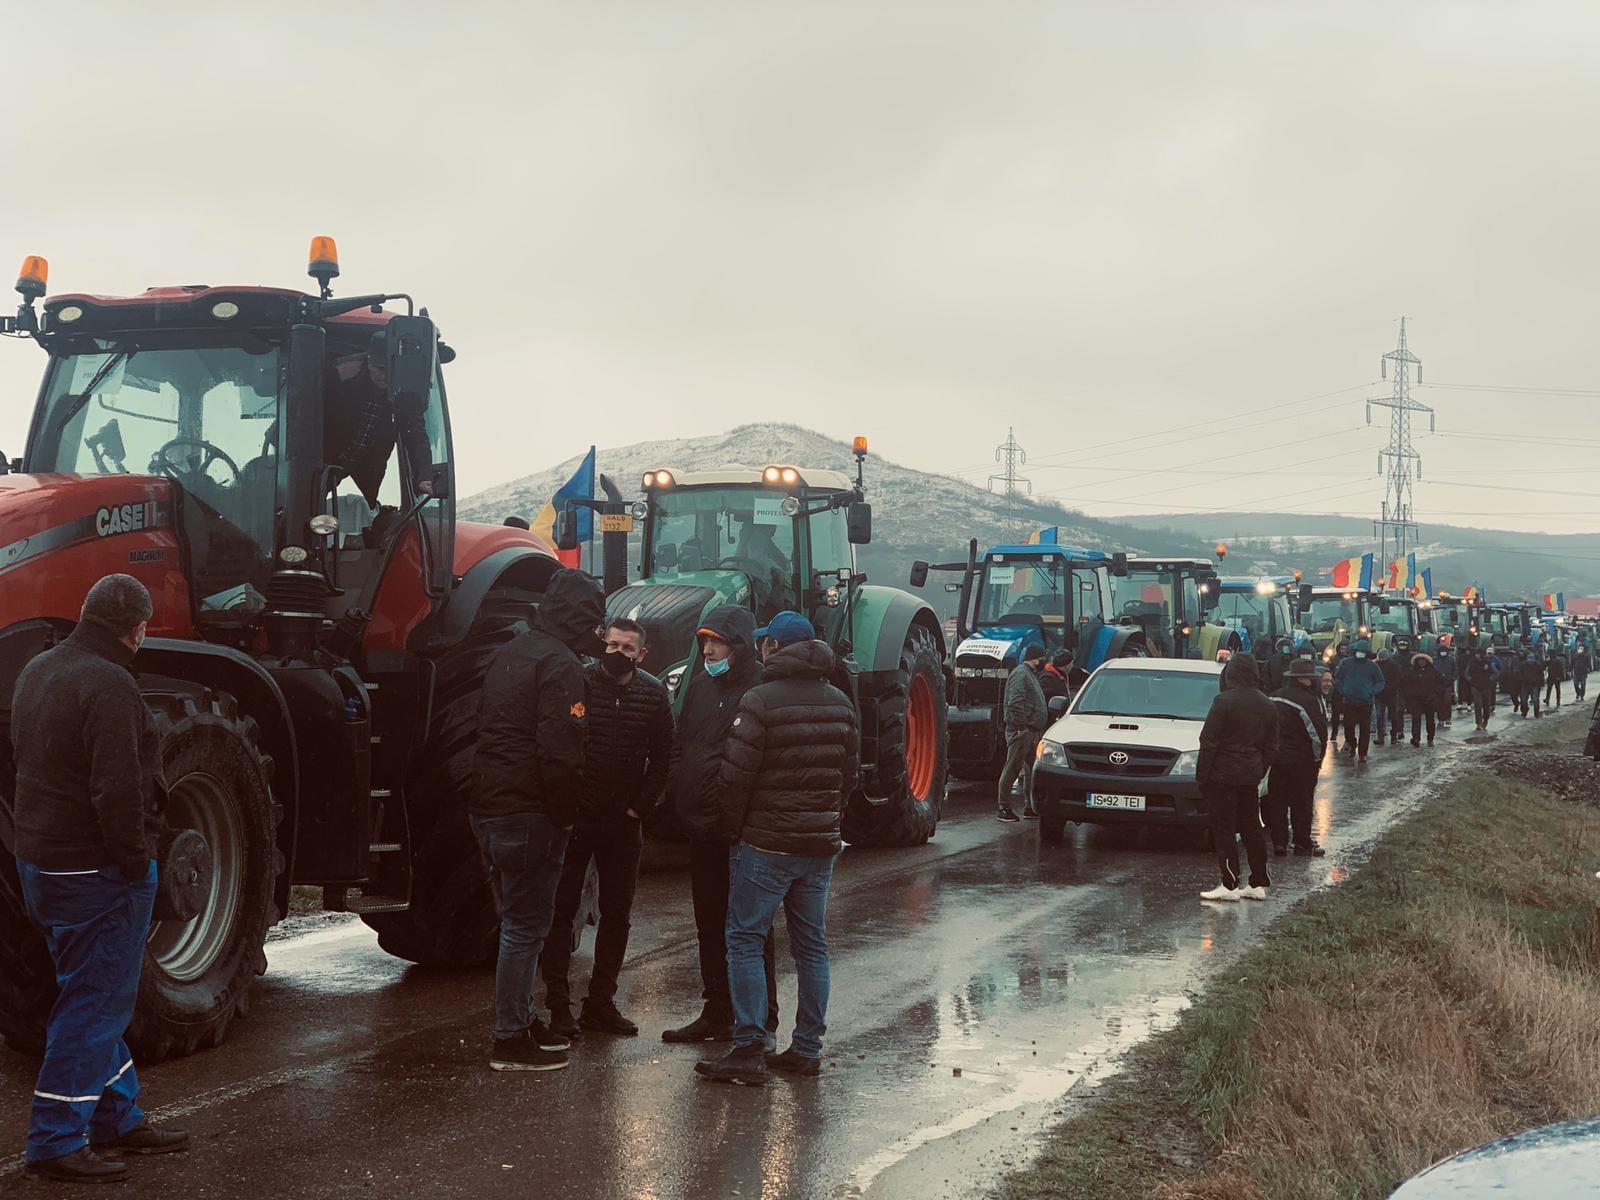 Fermierii ieșeni au mobilizat peste 50 de tractoare la protest. Protestul cu tractoare se extinde și în Constanța. Stiri agricole